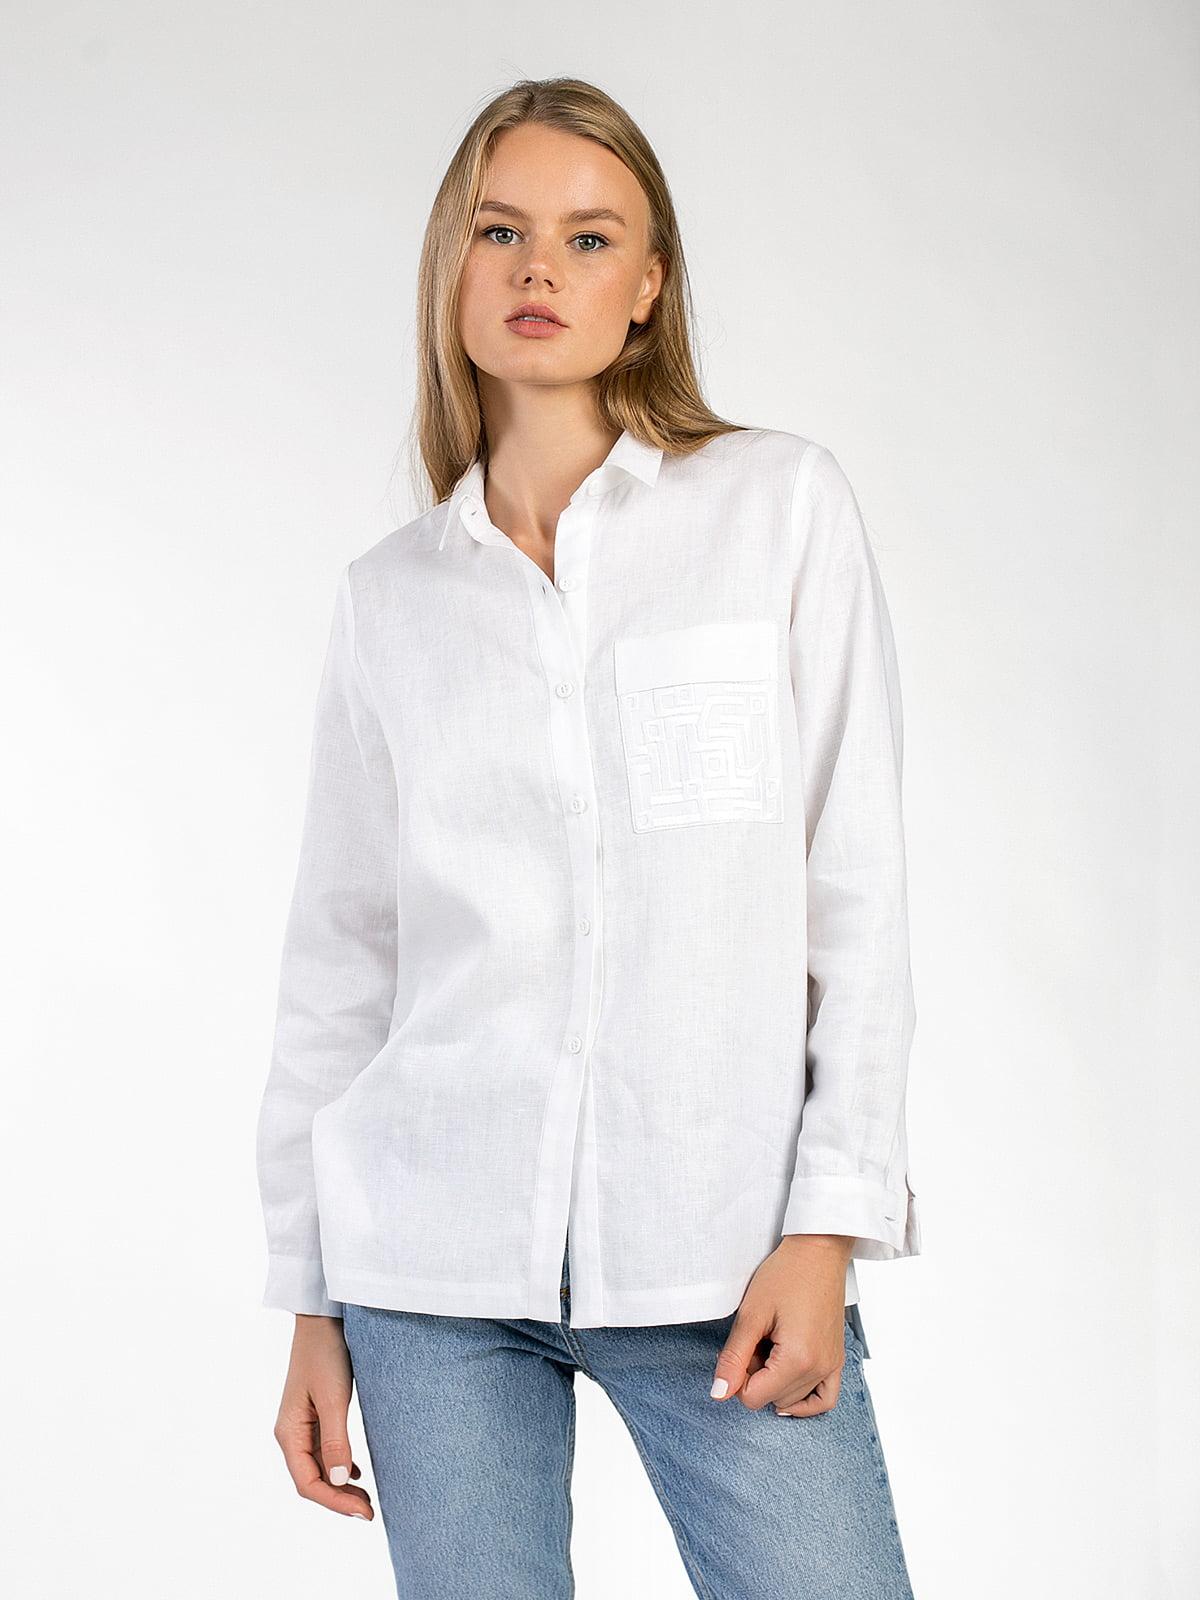 e9a5287ad49063d Белая льняная рубашка с вышивкой на кармане Simple 3 – купить в ...